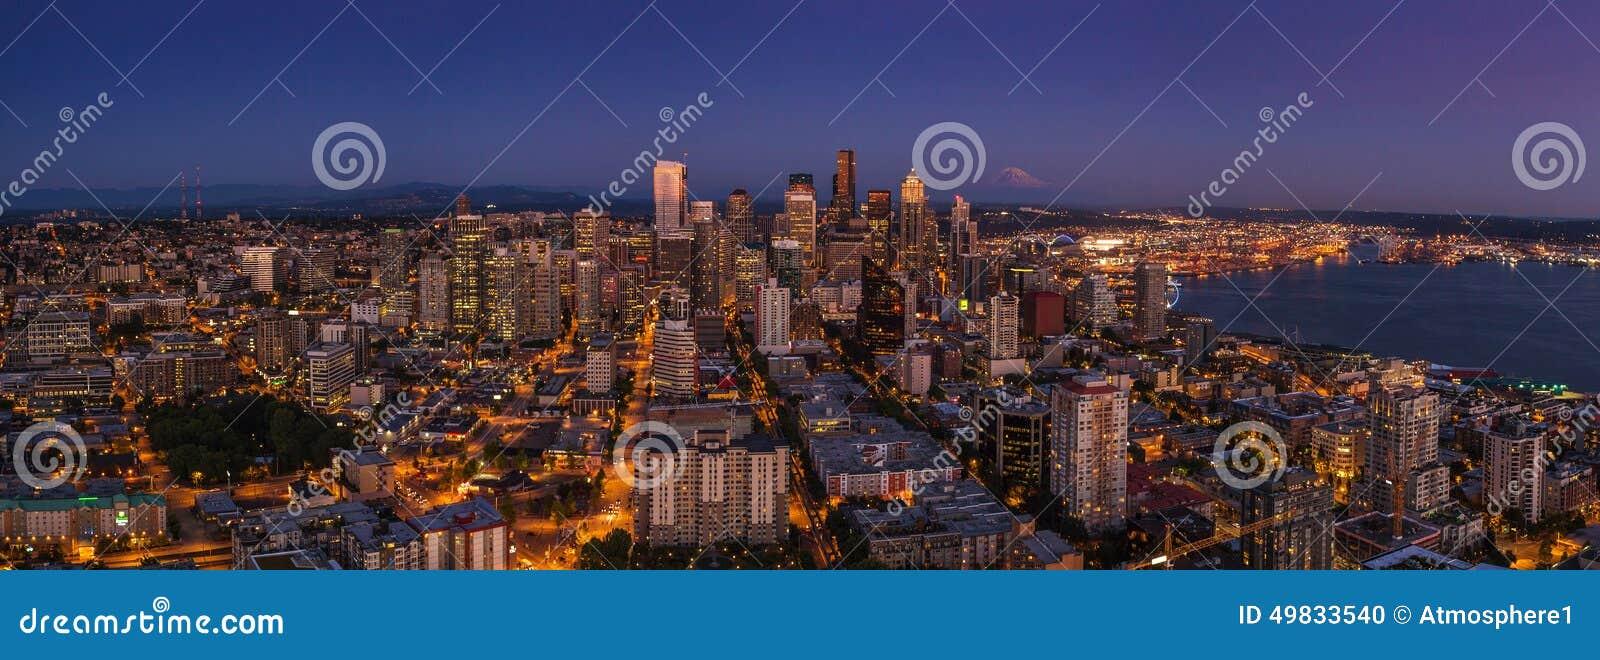 Vida Nocturna De La Ciudad De Seattle Después De La Puesta Del Sol A